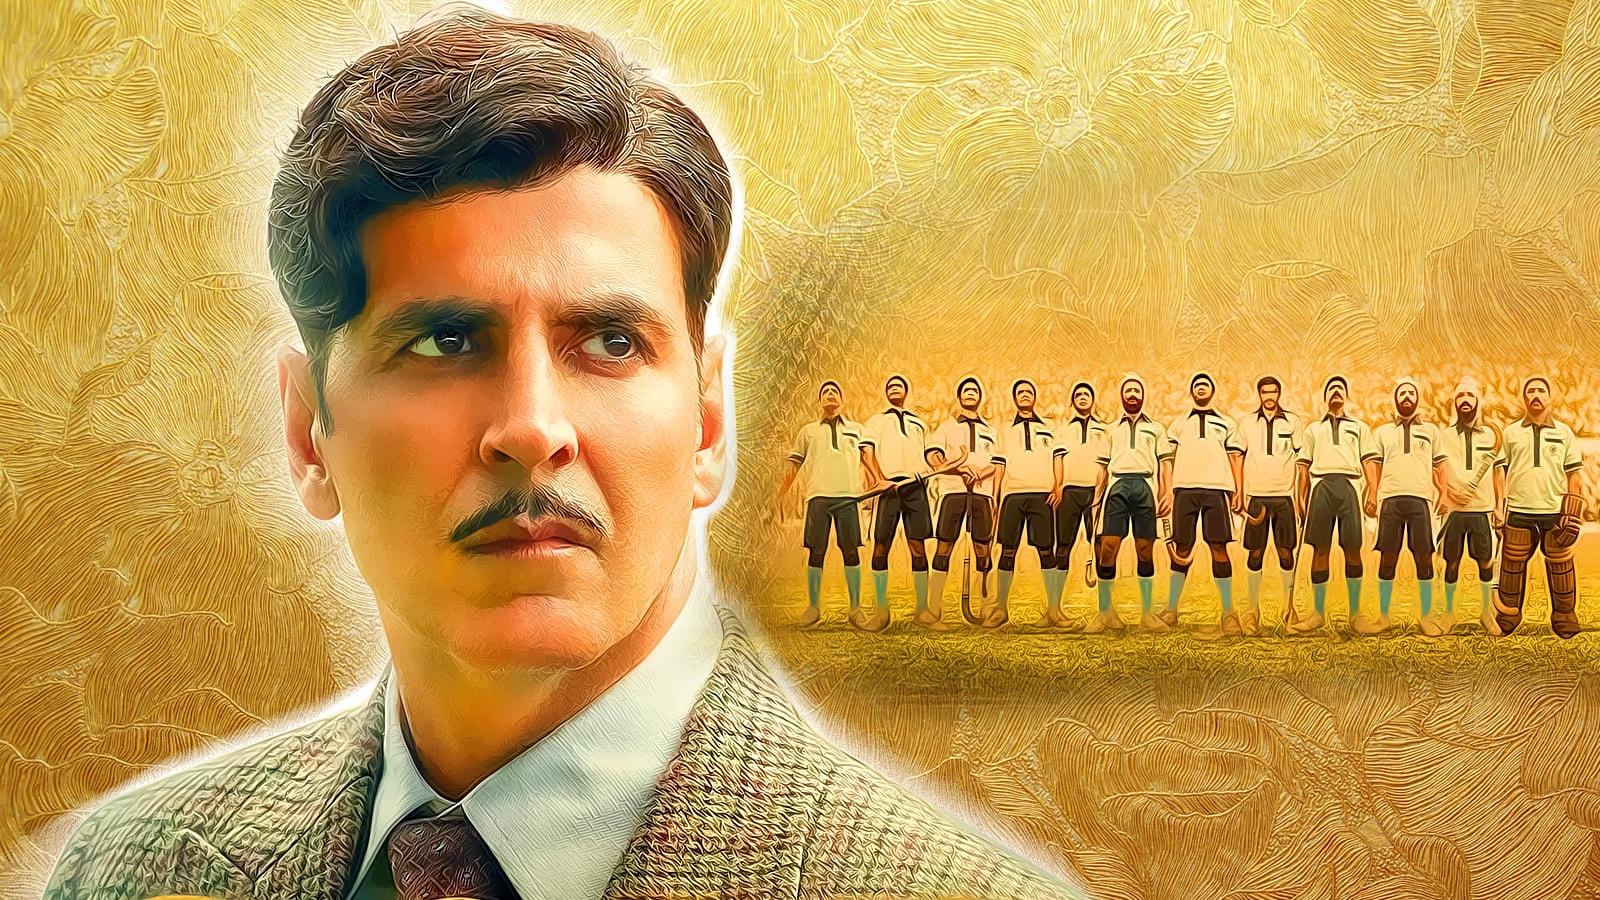 akshay gold cover